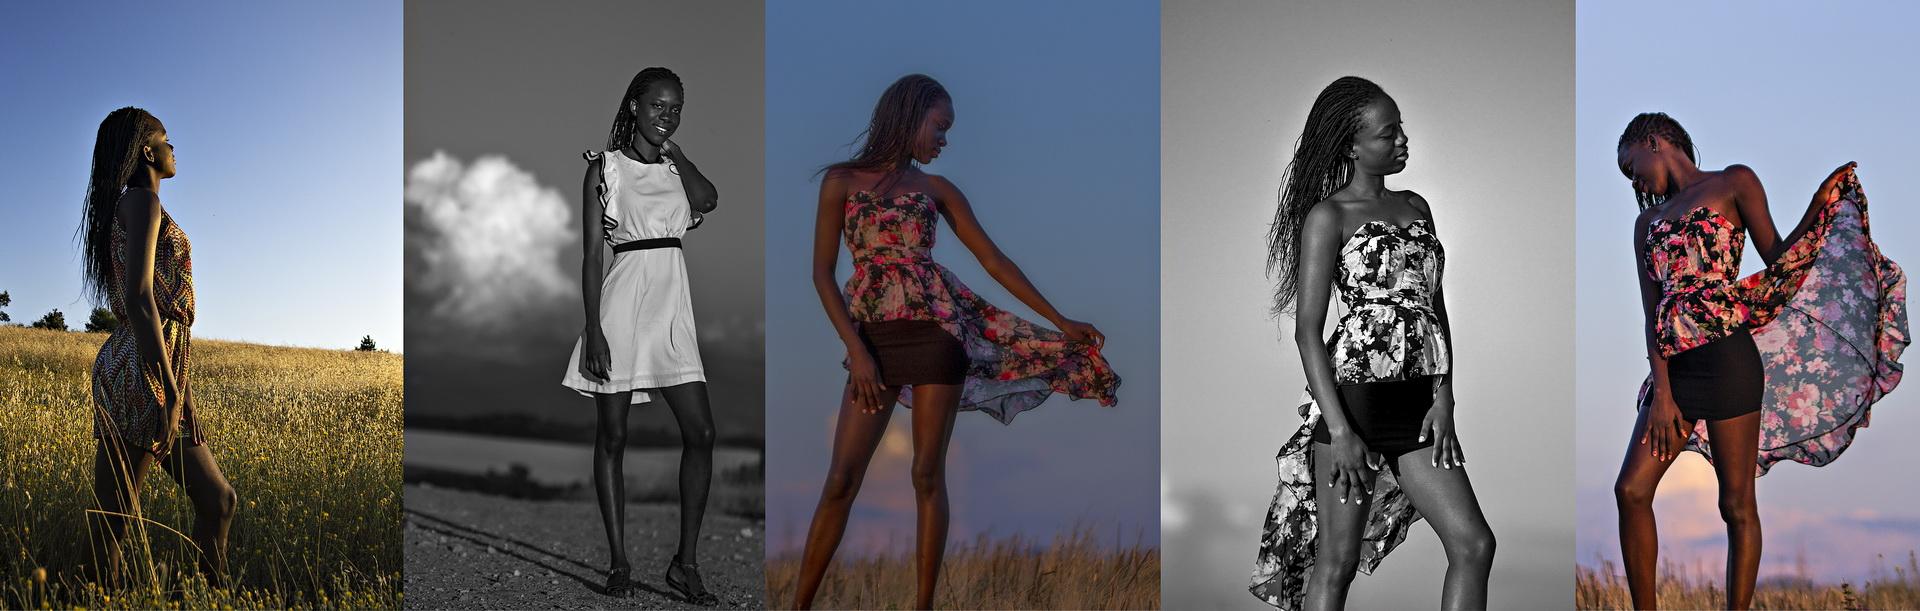 Photographie portrait - Modèle - Studio nature, avec Ndiomé